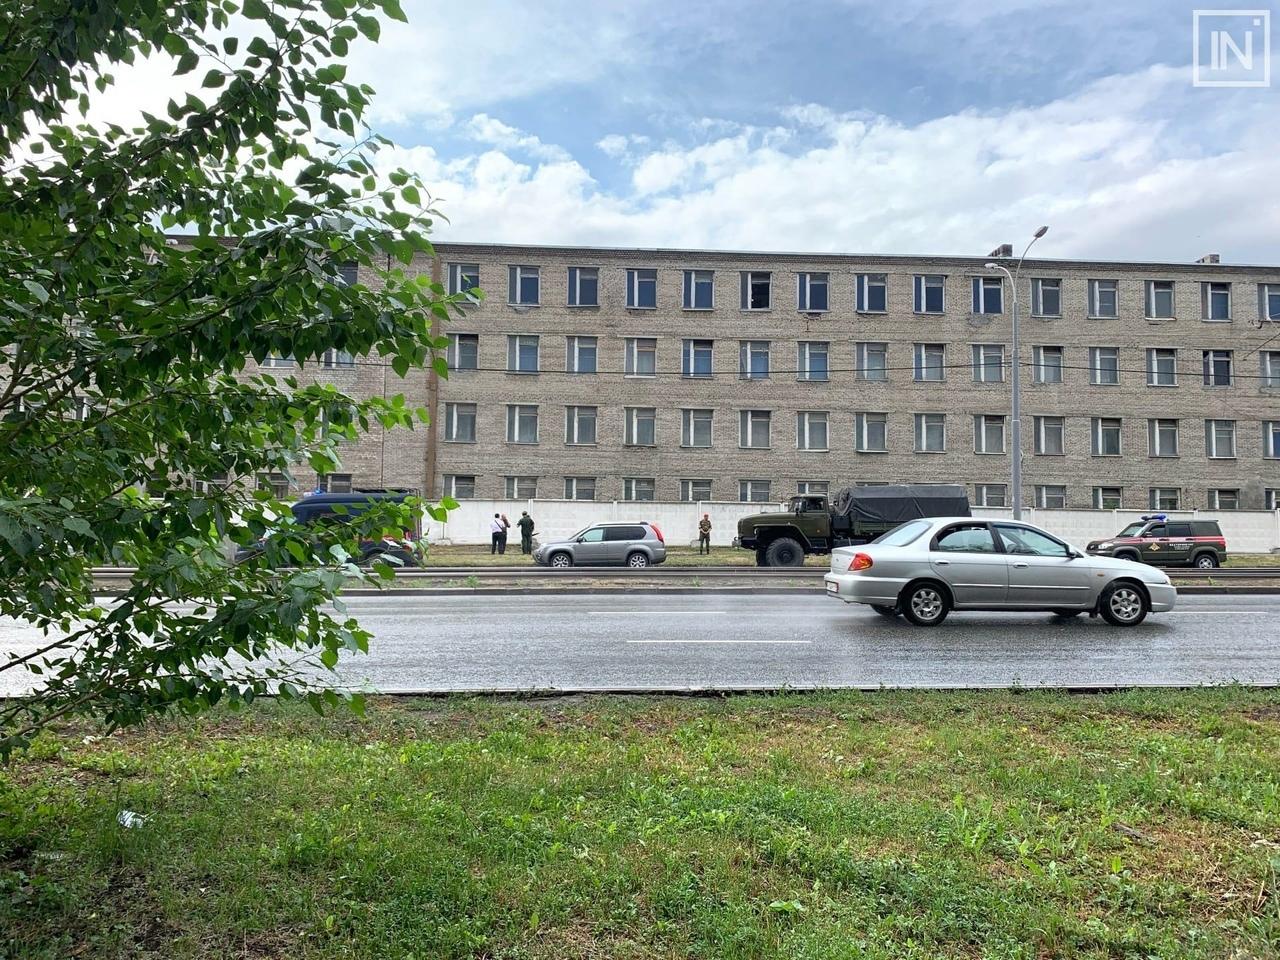 Омский солдат погиб, выпав из окна воинской части в Екатеринбурге #Новости #Общество #Омск